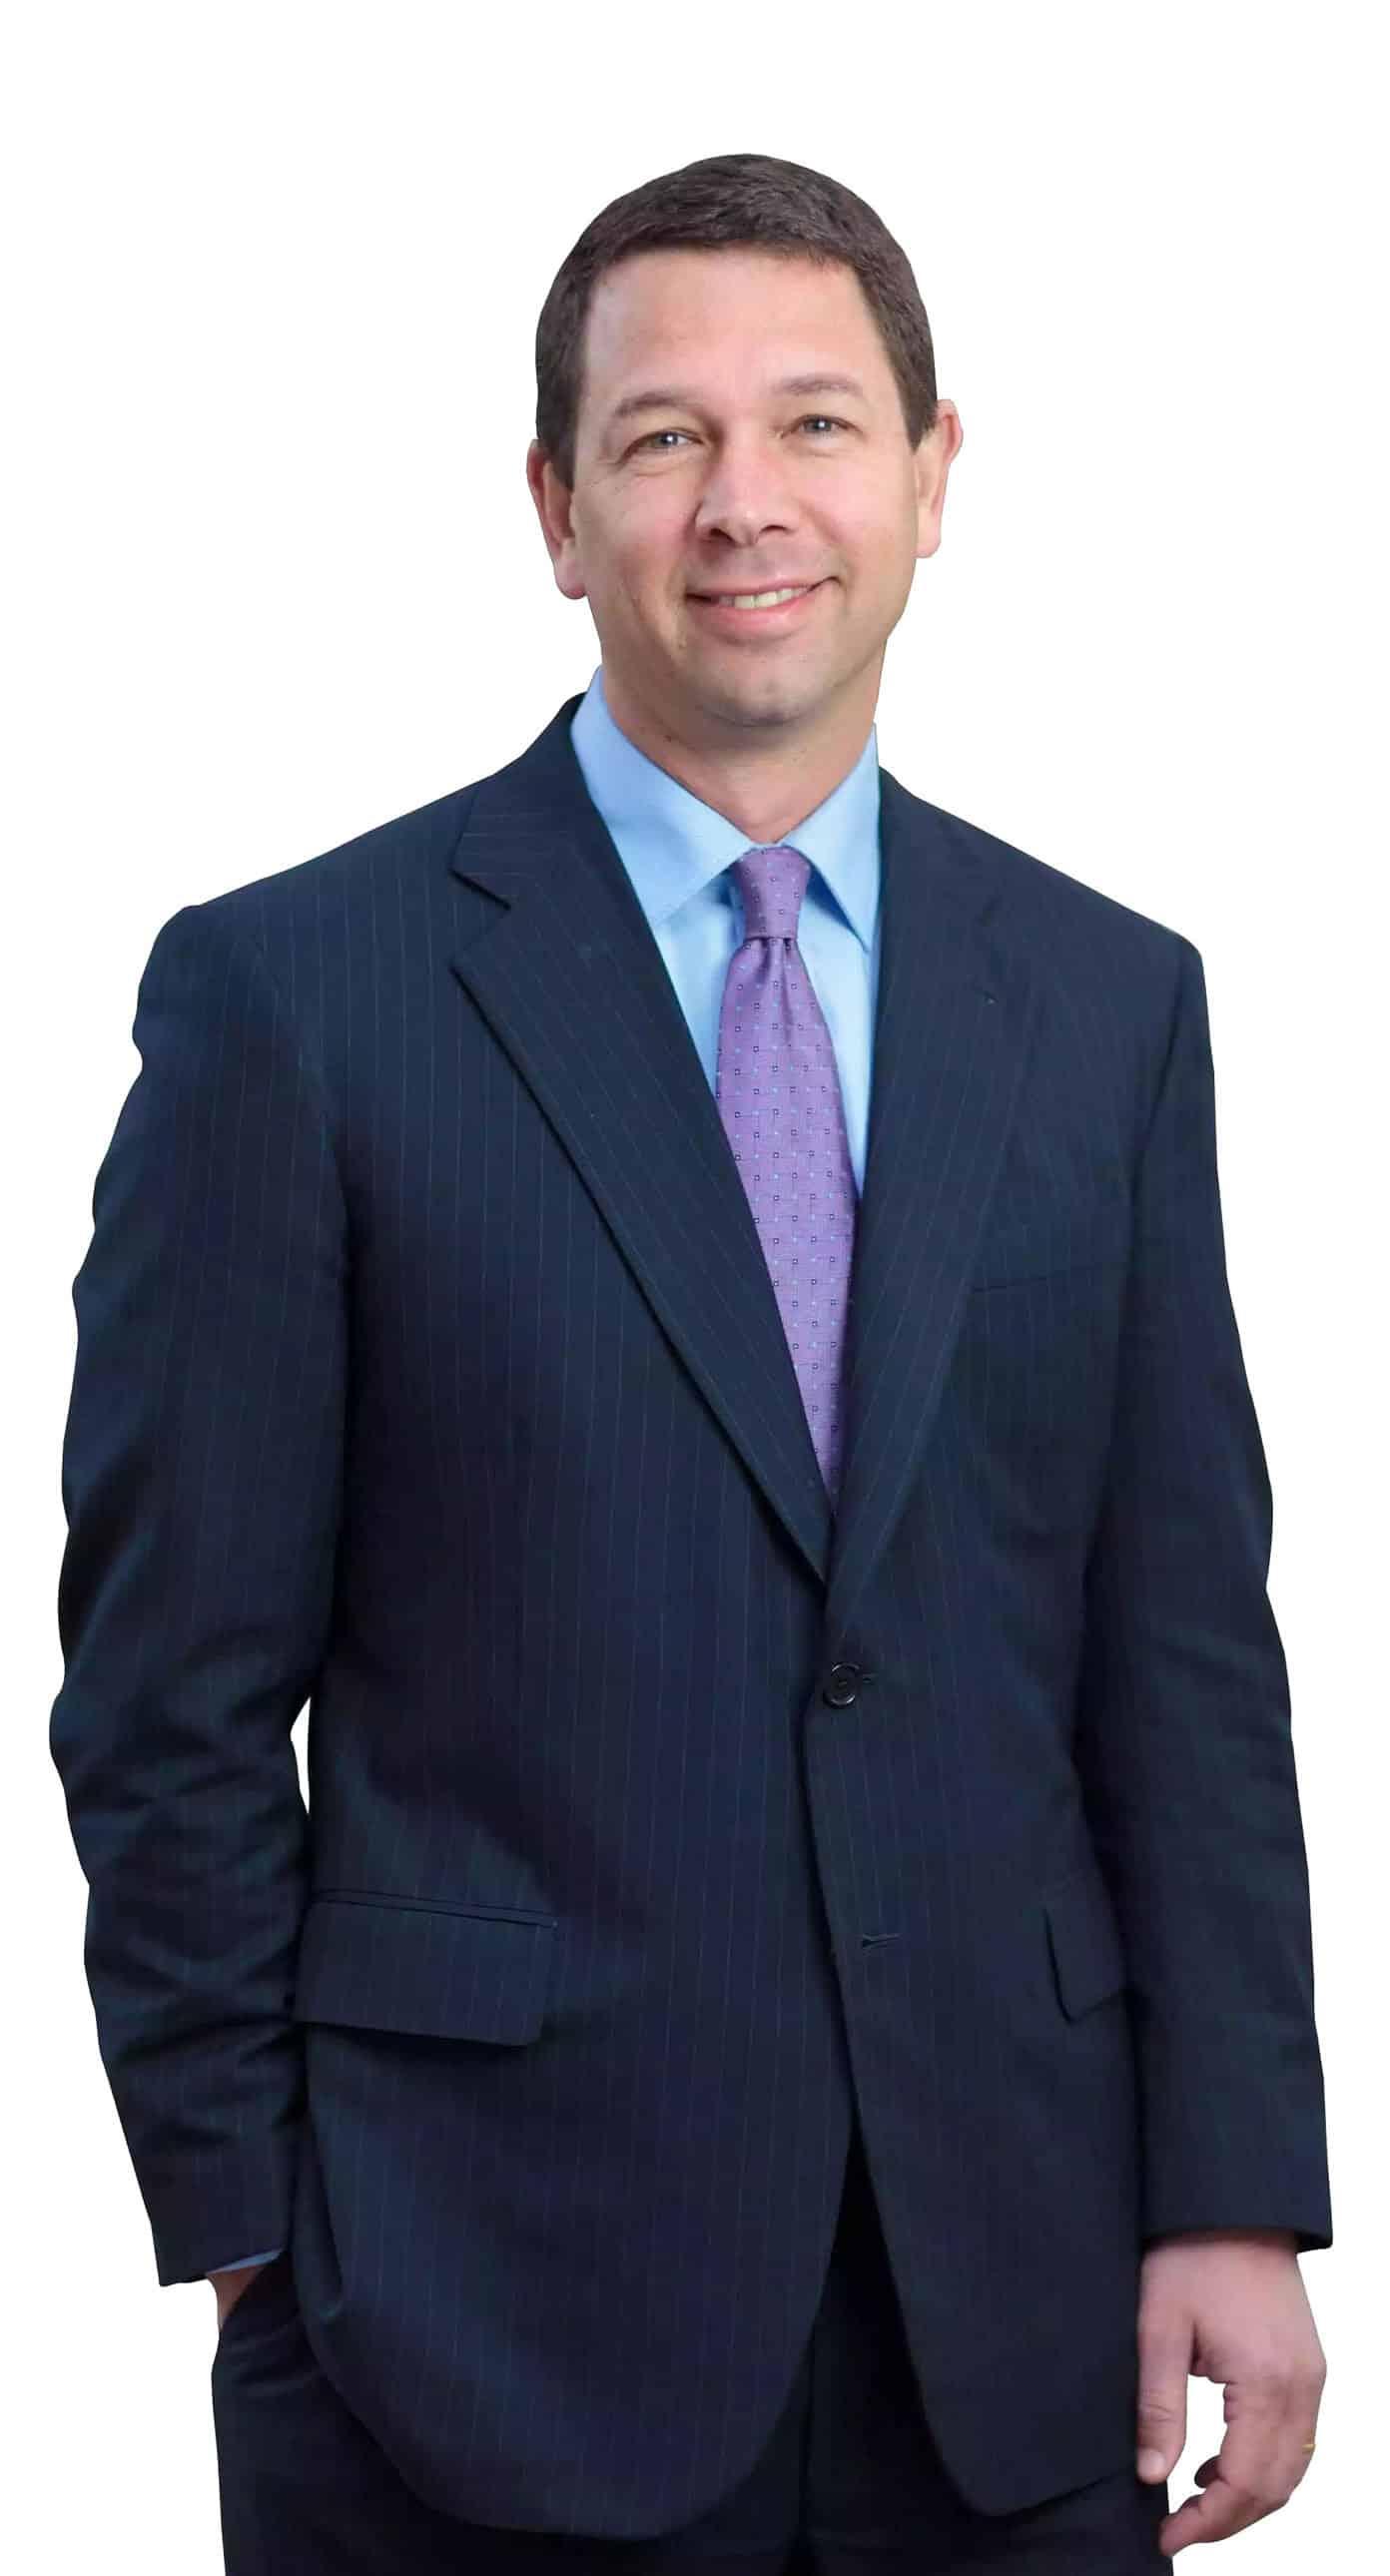 Dr. Michael Bradley Wallace